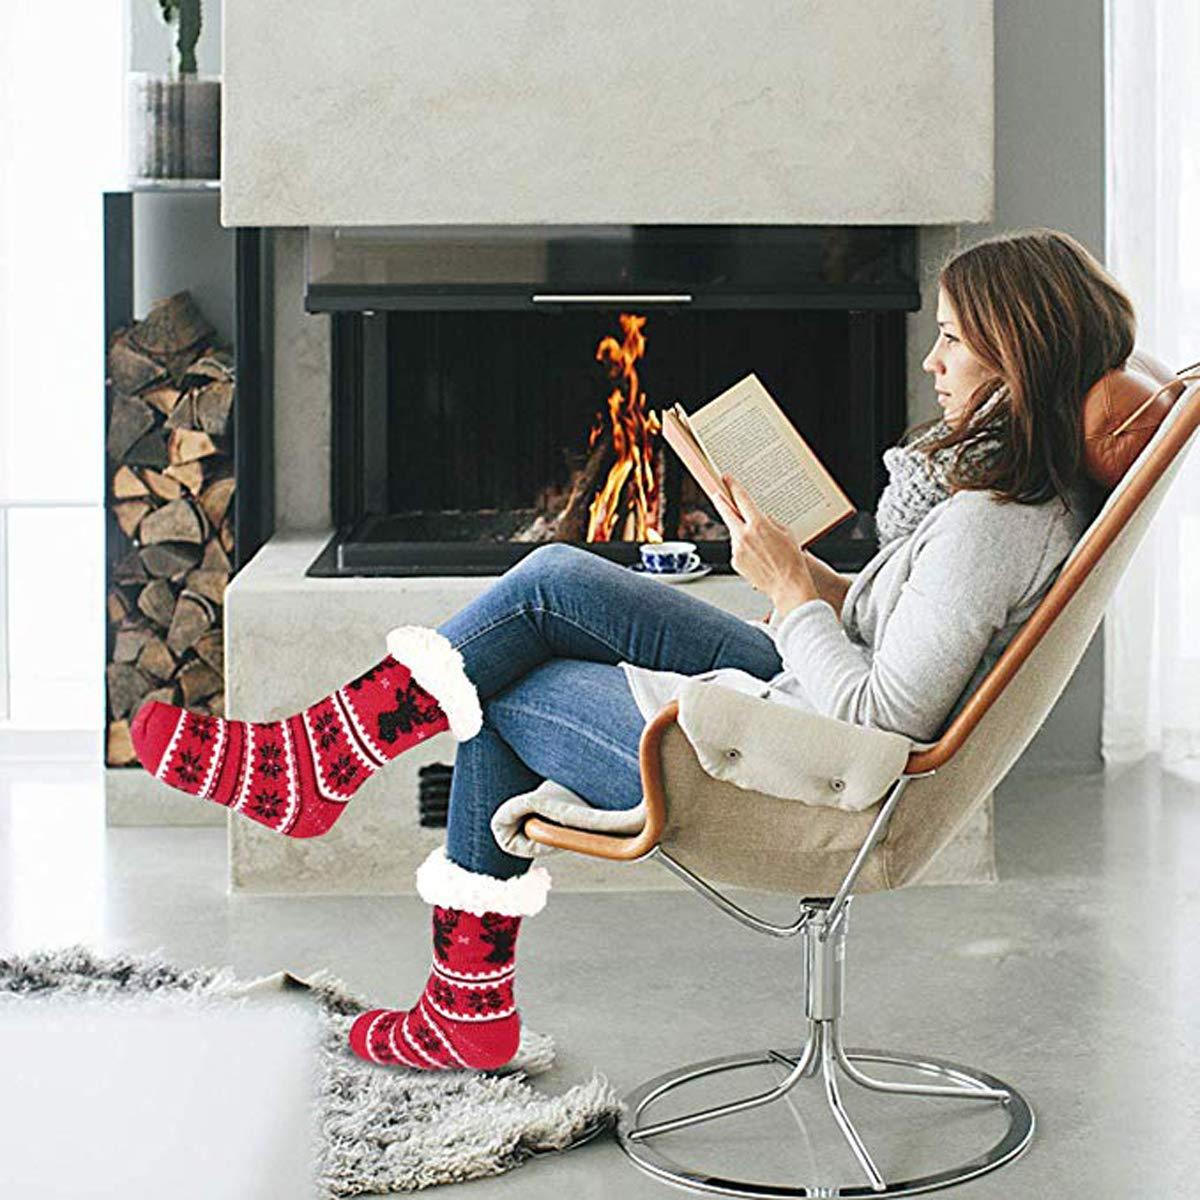 8 Paires Femmes Homme Bas de No/ël Chaussettes Slipper Chaud Confortable Fixget Chaussons Bas No/ël Famille Cadeau de No/ël pour Femmes Homme